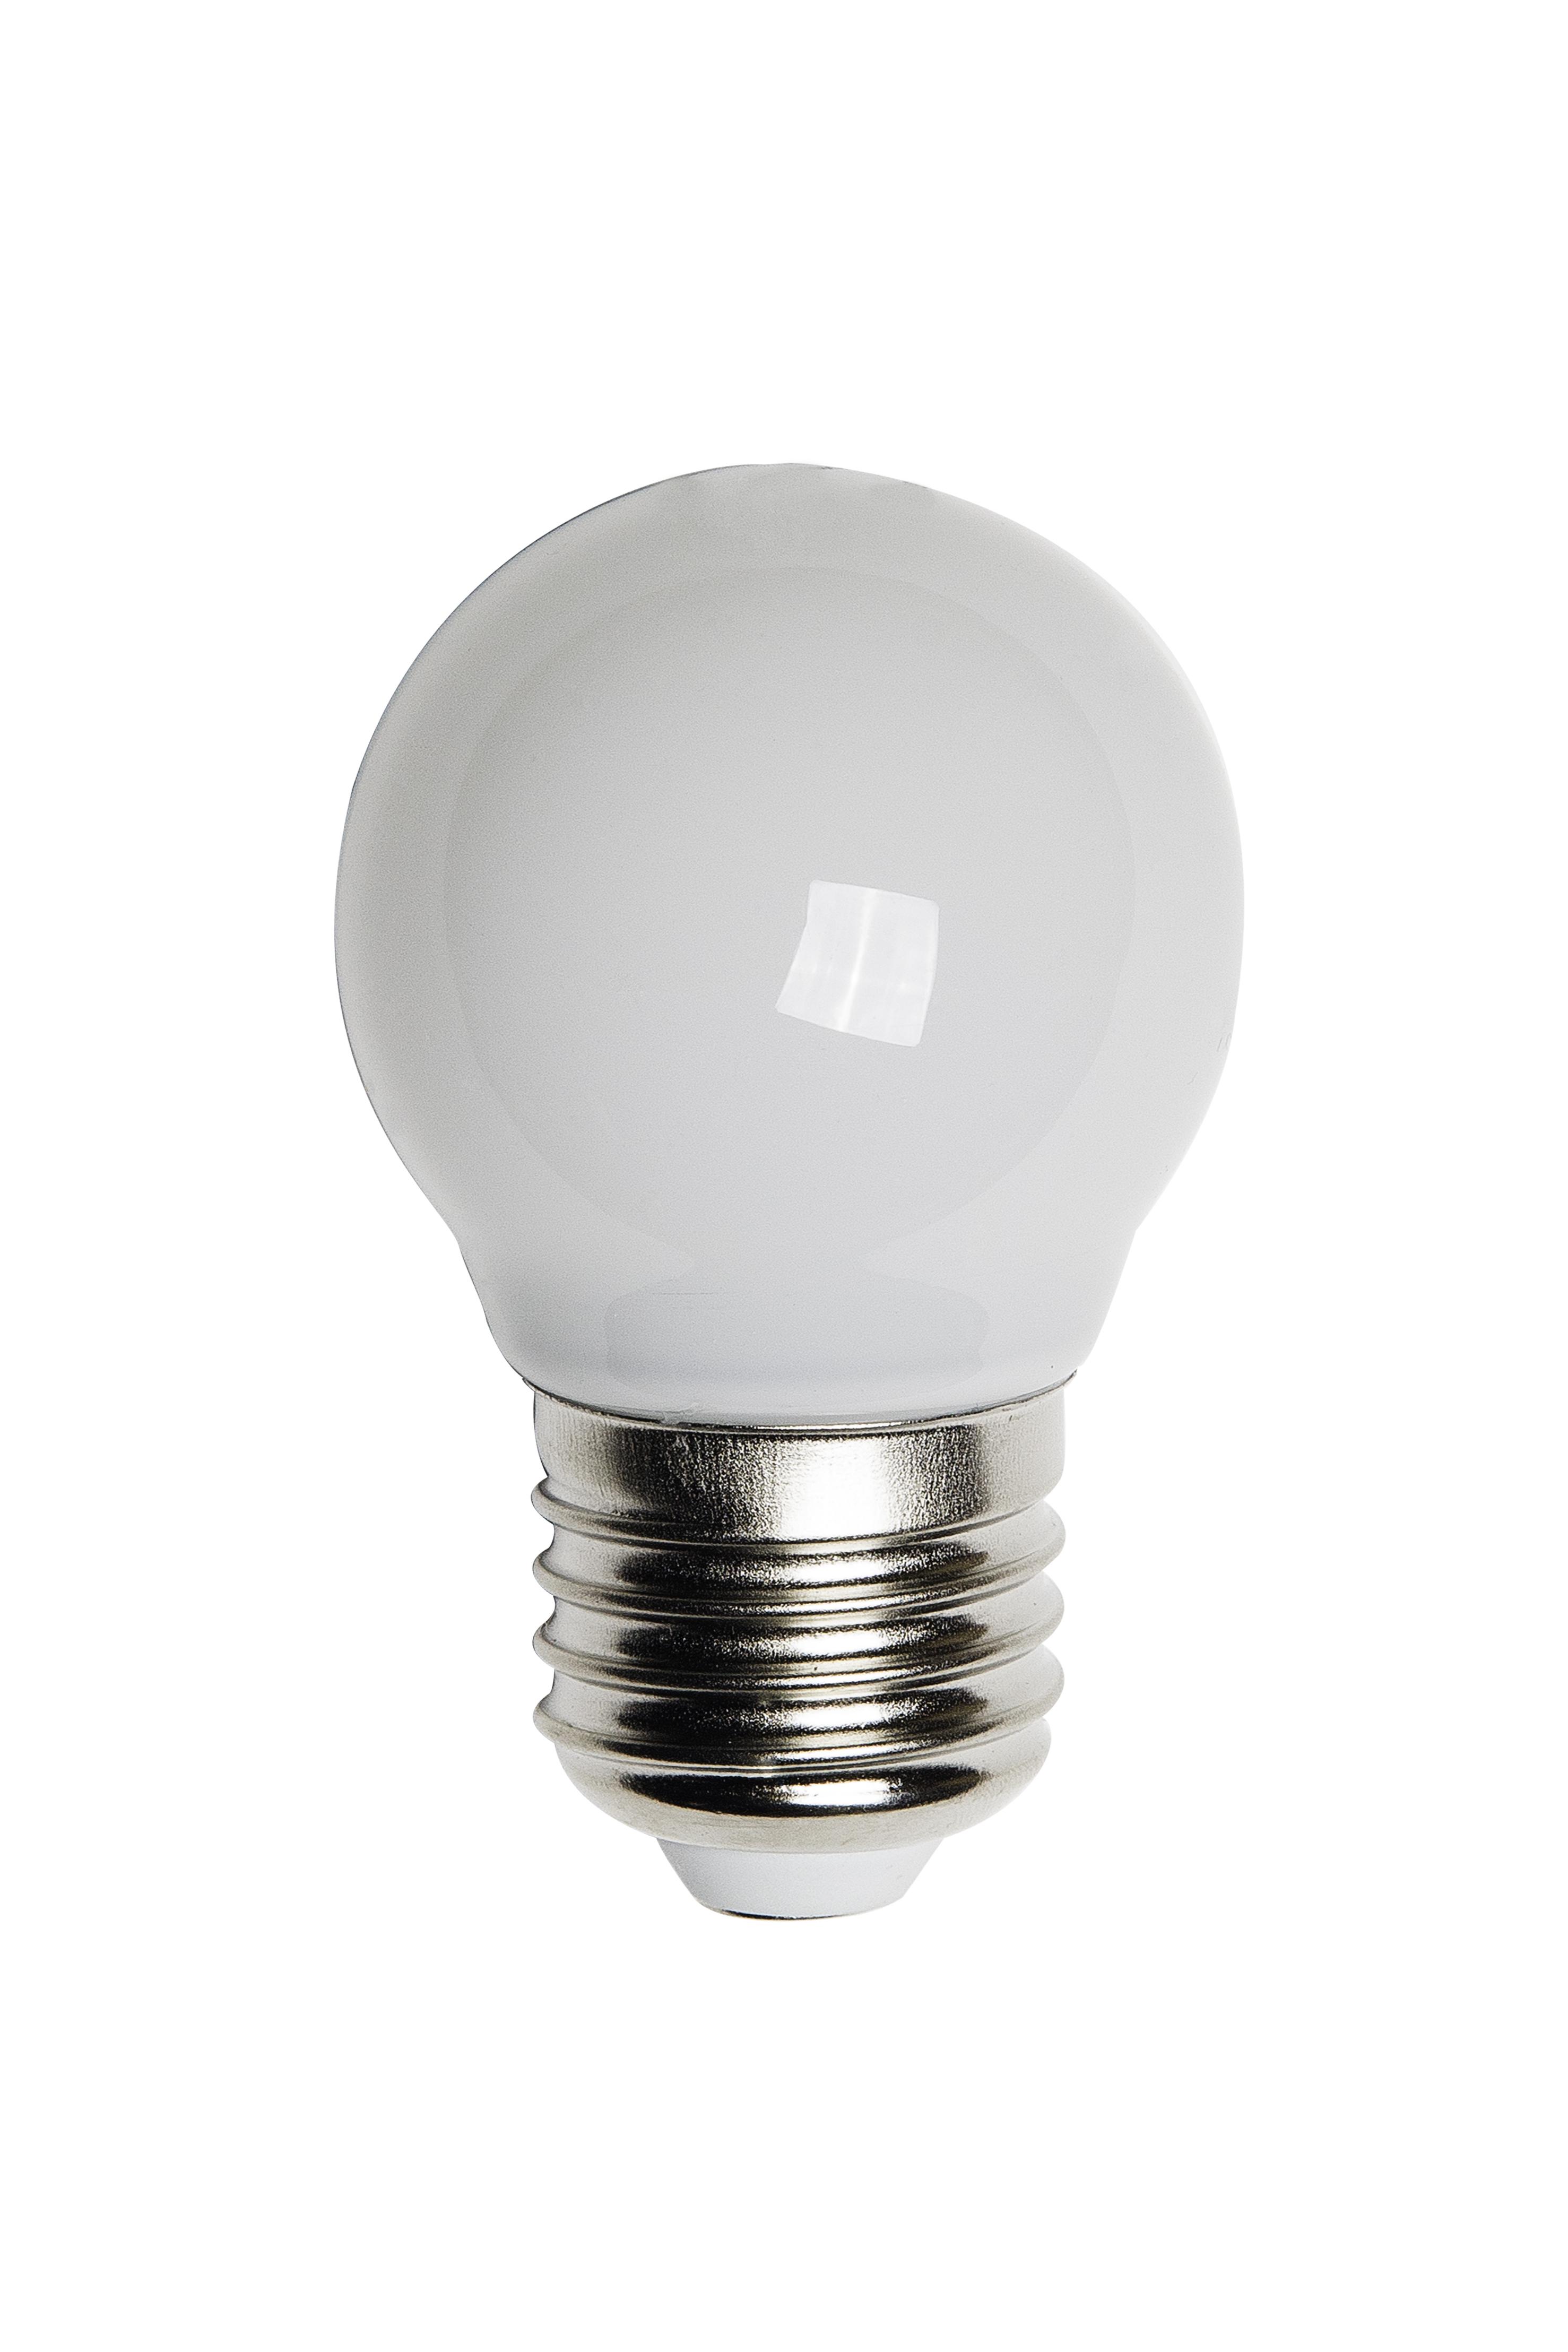 Светодиодная лампа VKlux BK-27W5G45 Millky,5Вт,3000К